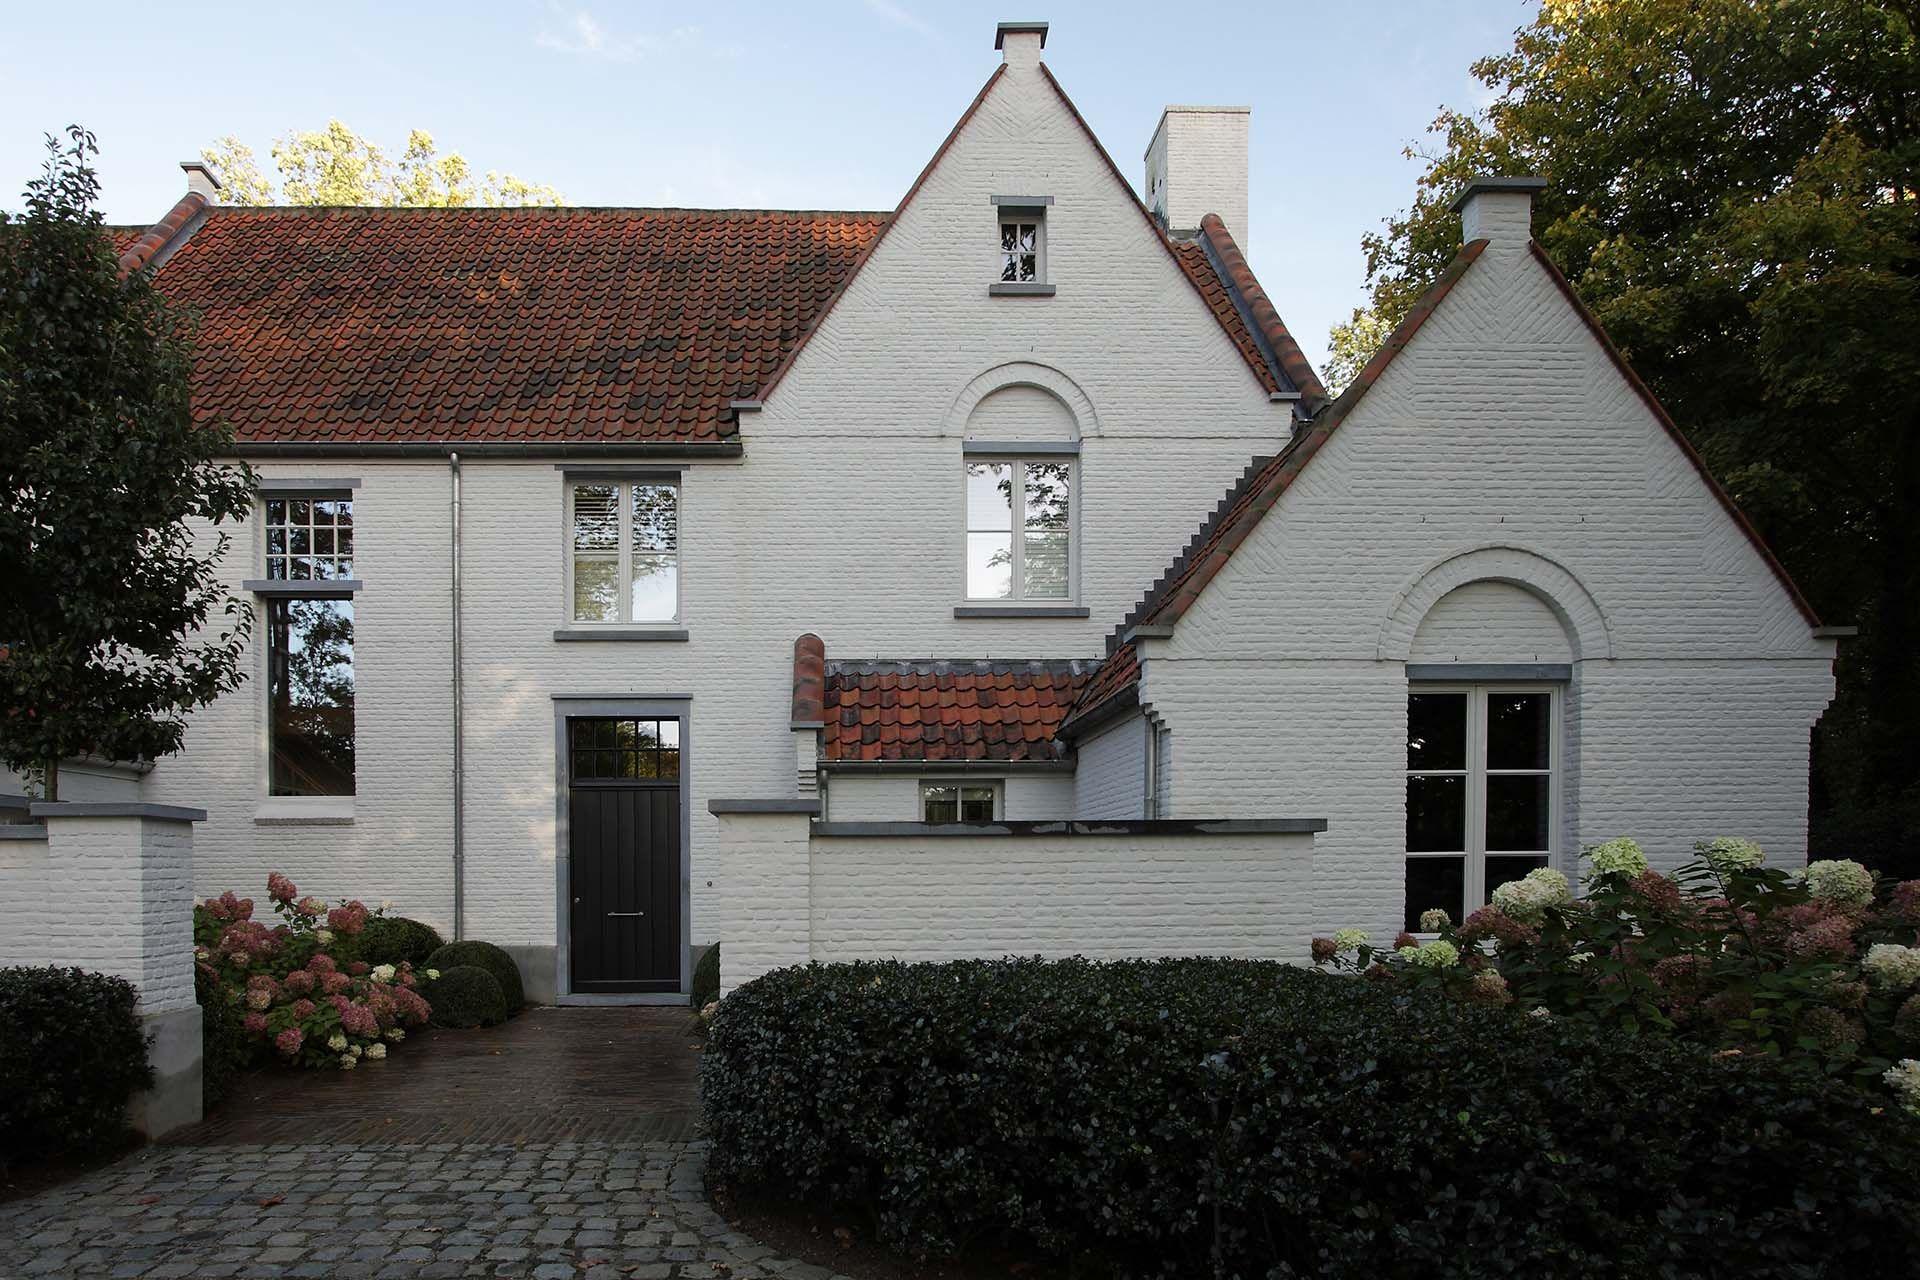 Kleur gevel rode pannen zwarte deur en witte ramen voorbeeld huizen pinterest gevel - Gevels van hedendaagse huizen ...